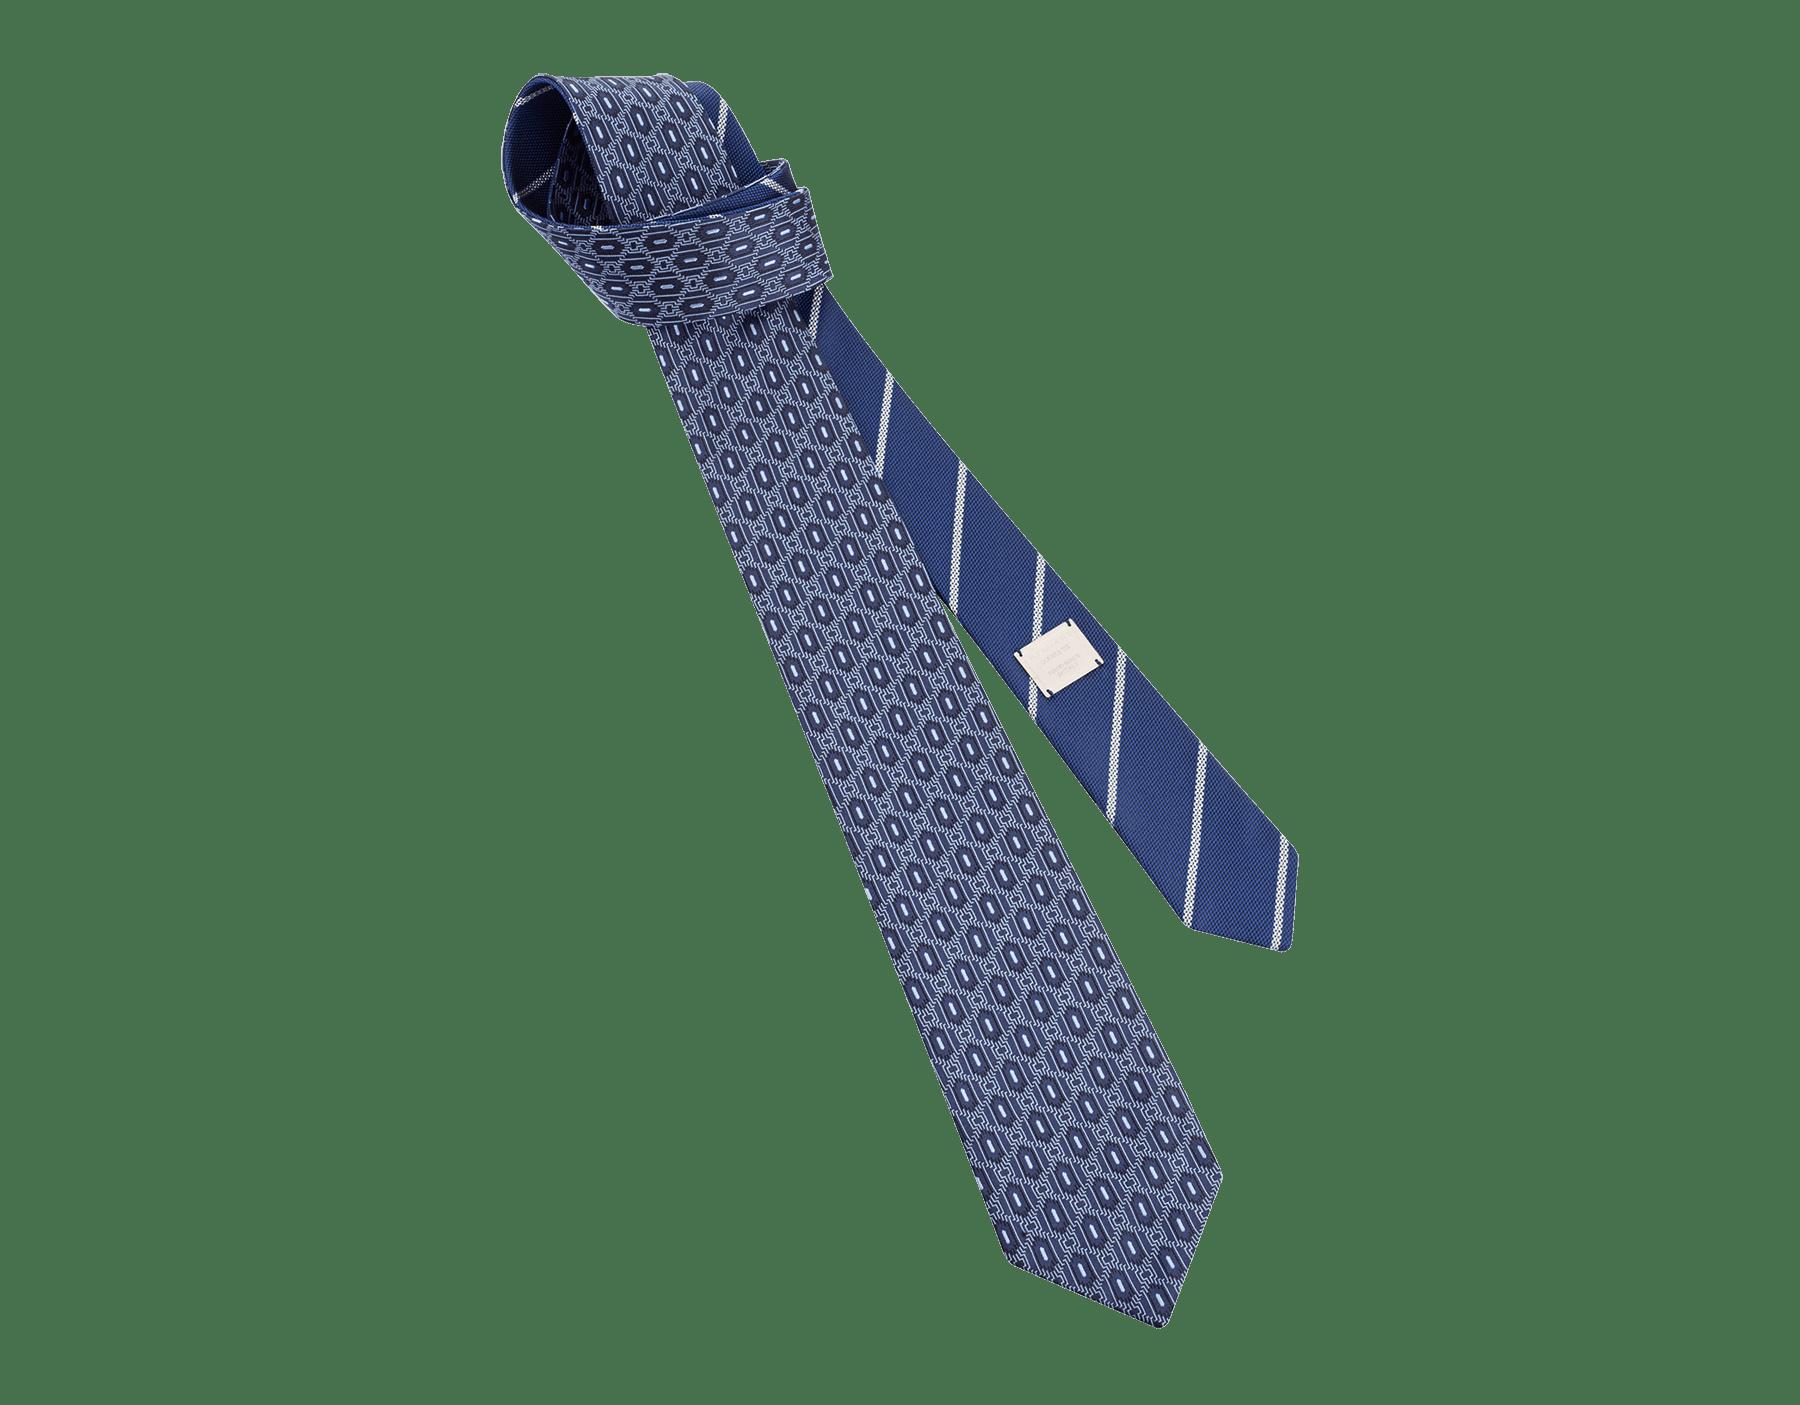 Галстук темно-синего цвета, тонкий шелк, узор Double Line Scales. Металлический ярлык с логотипом Bvlgari, маркировка Ручная работа. Сделано в Италии. 8 см 244132 image 1